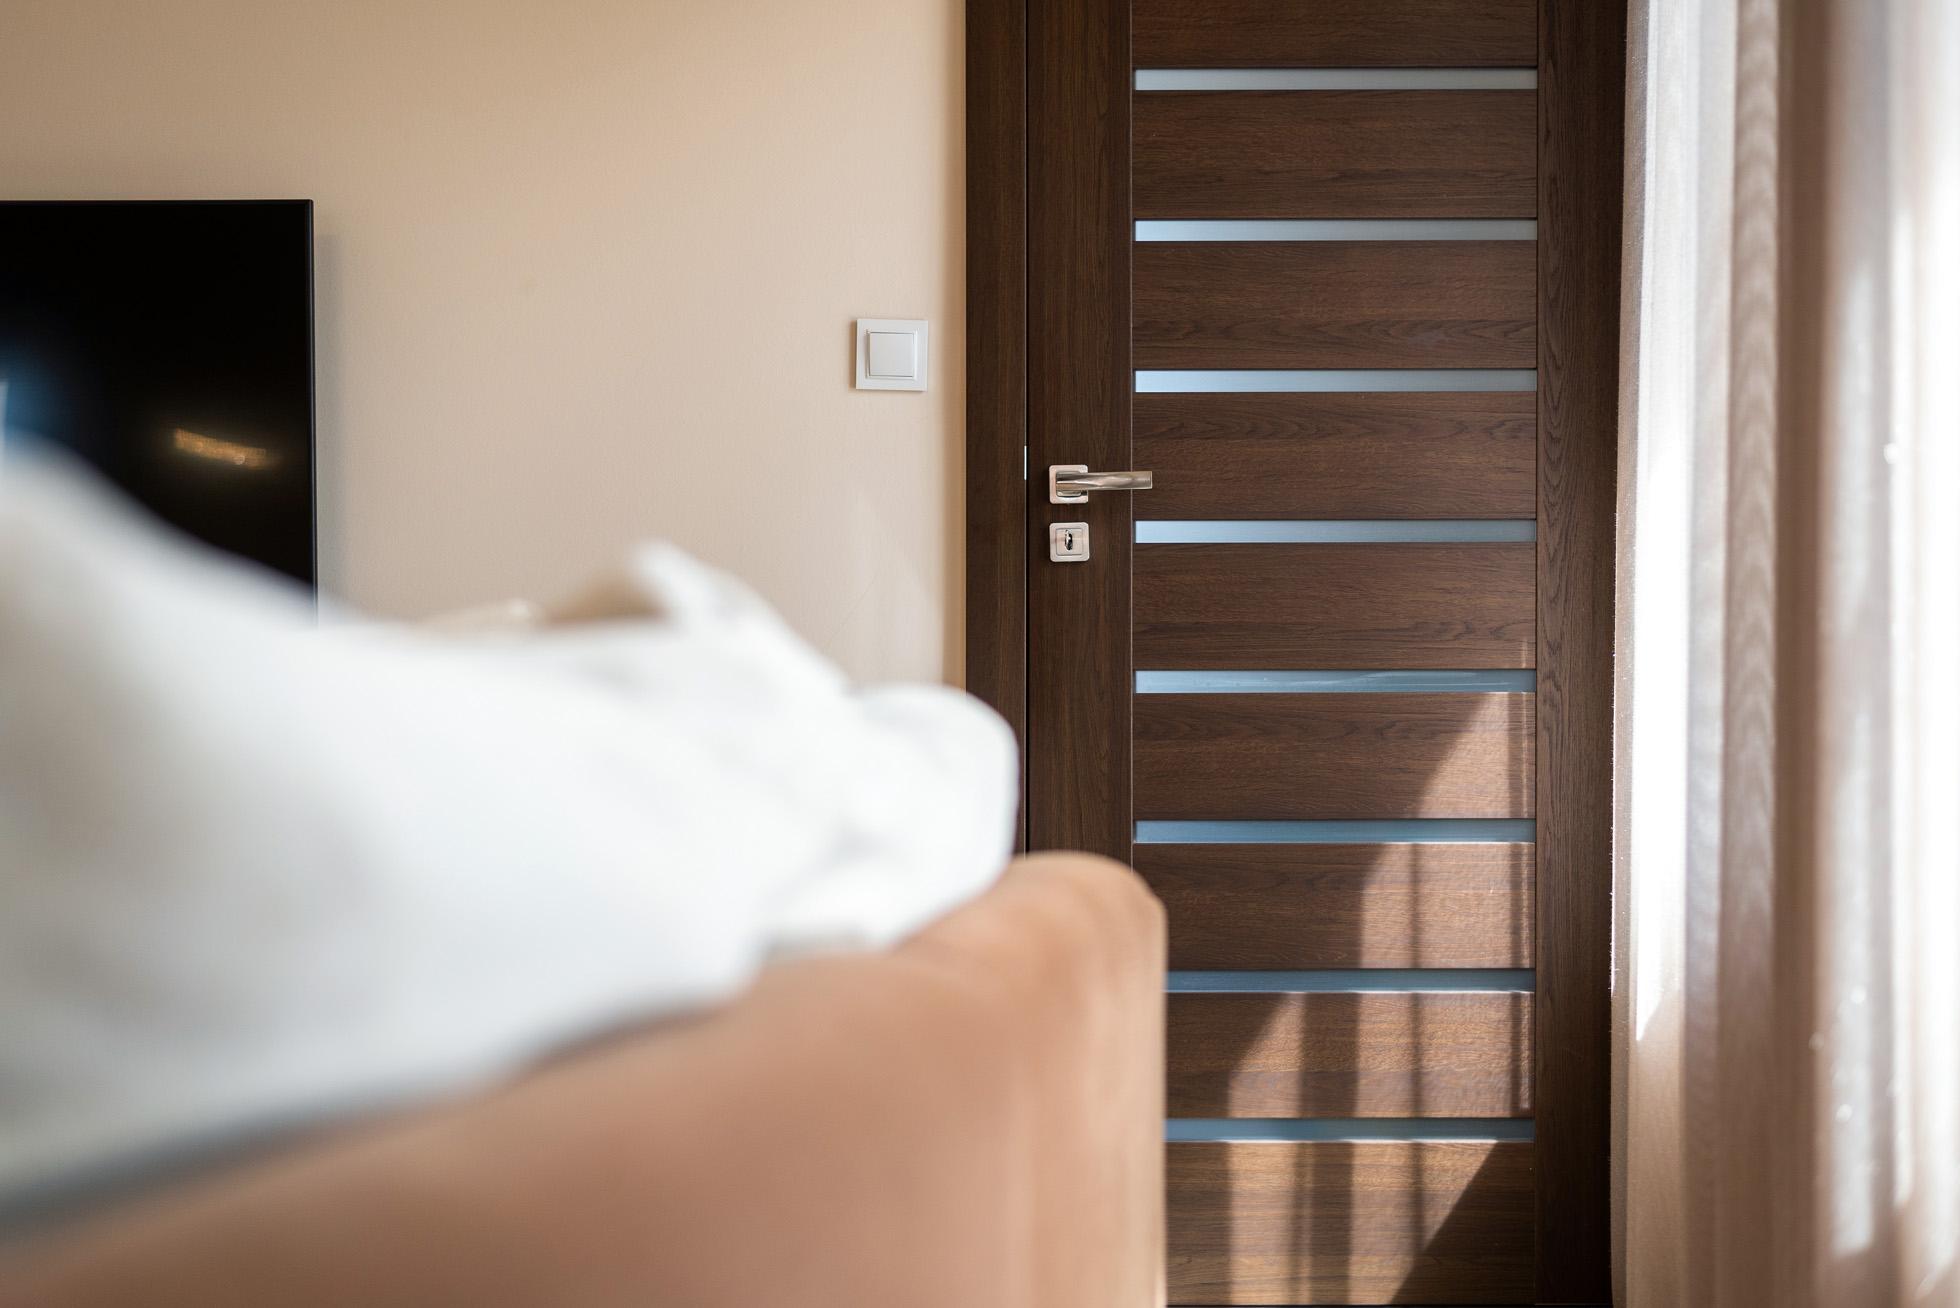 beltéri ajtó, szoba ajtó